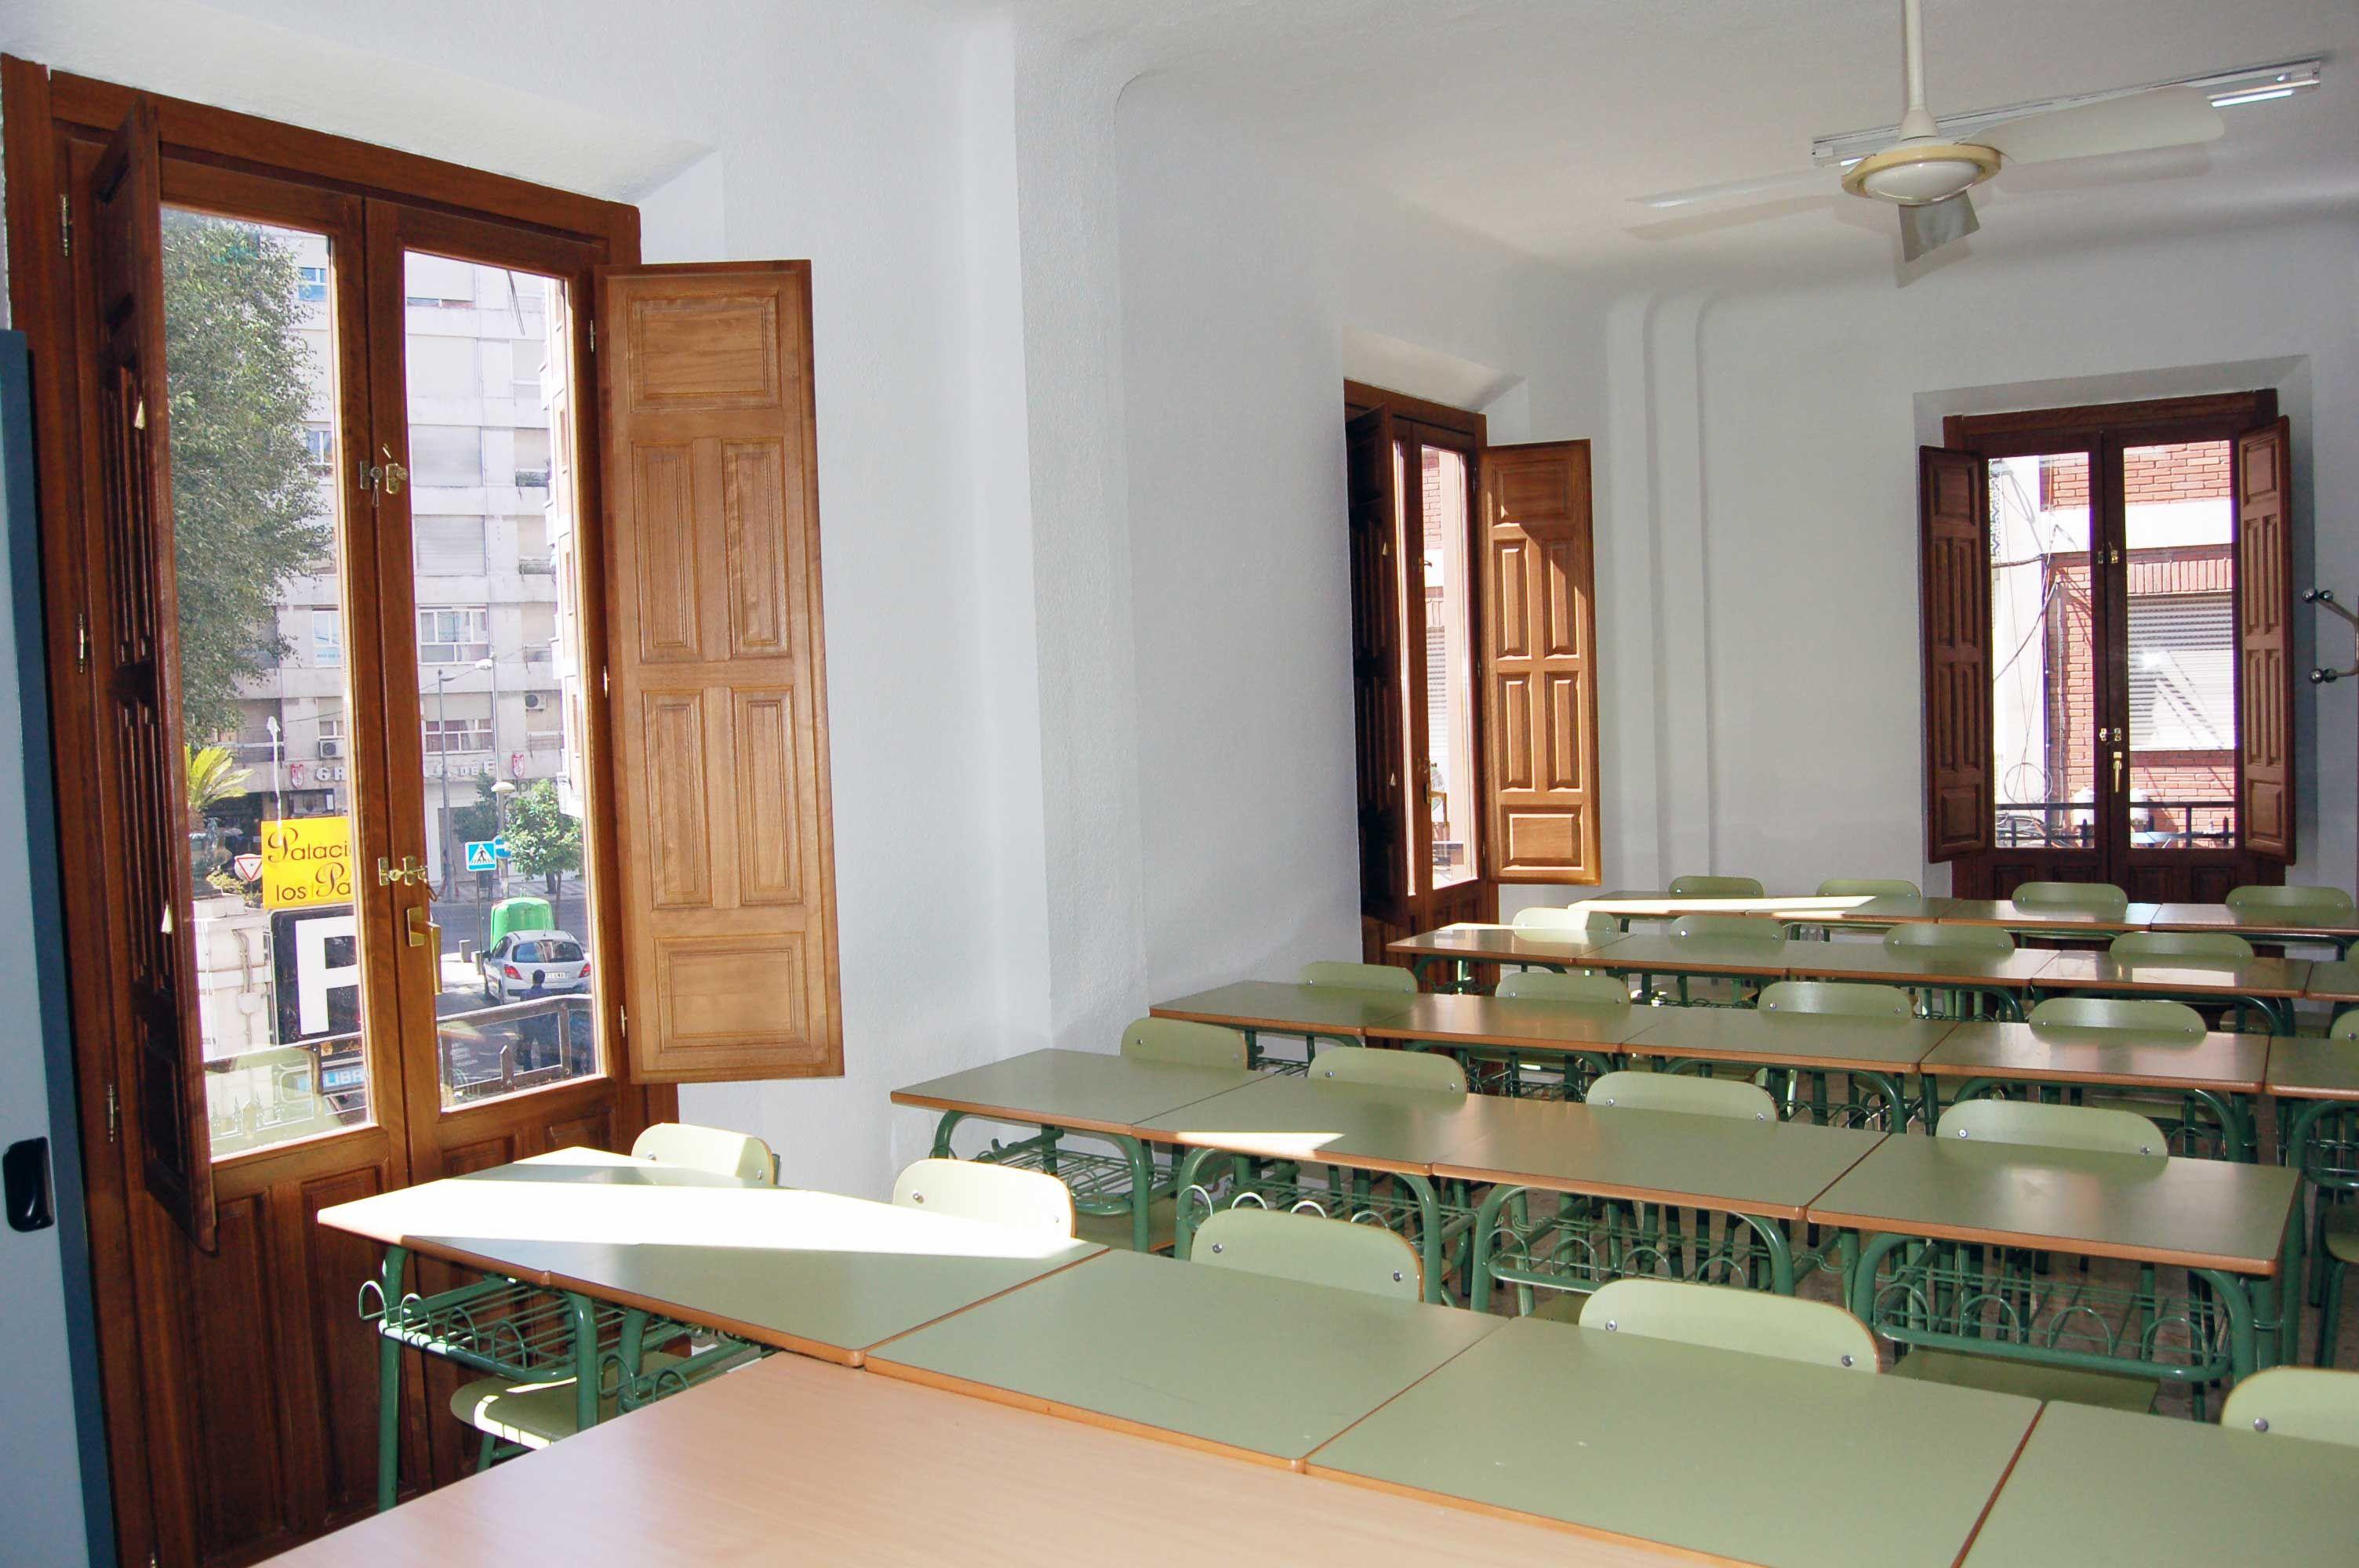 Aula 5A